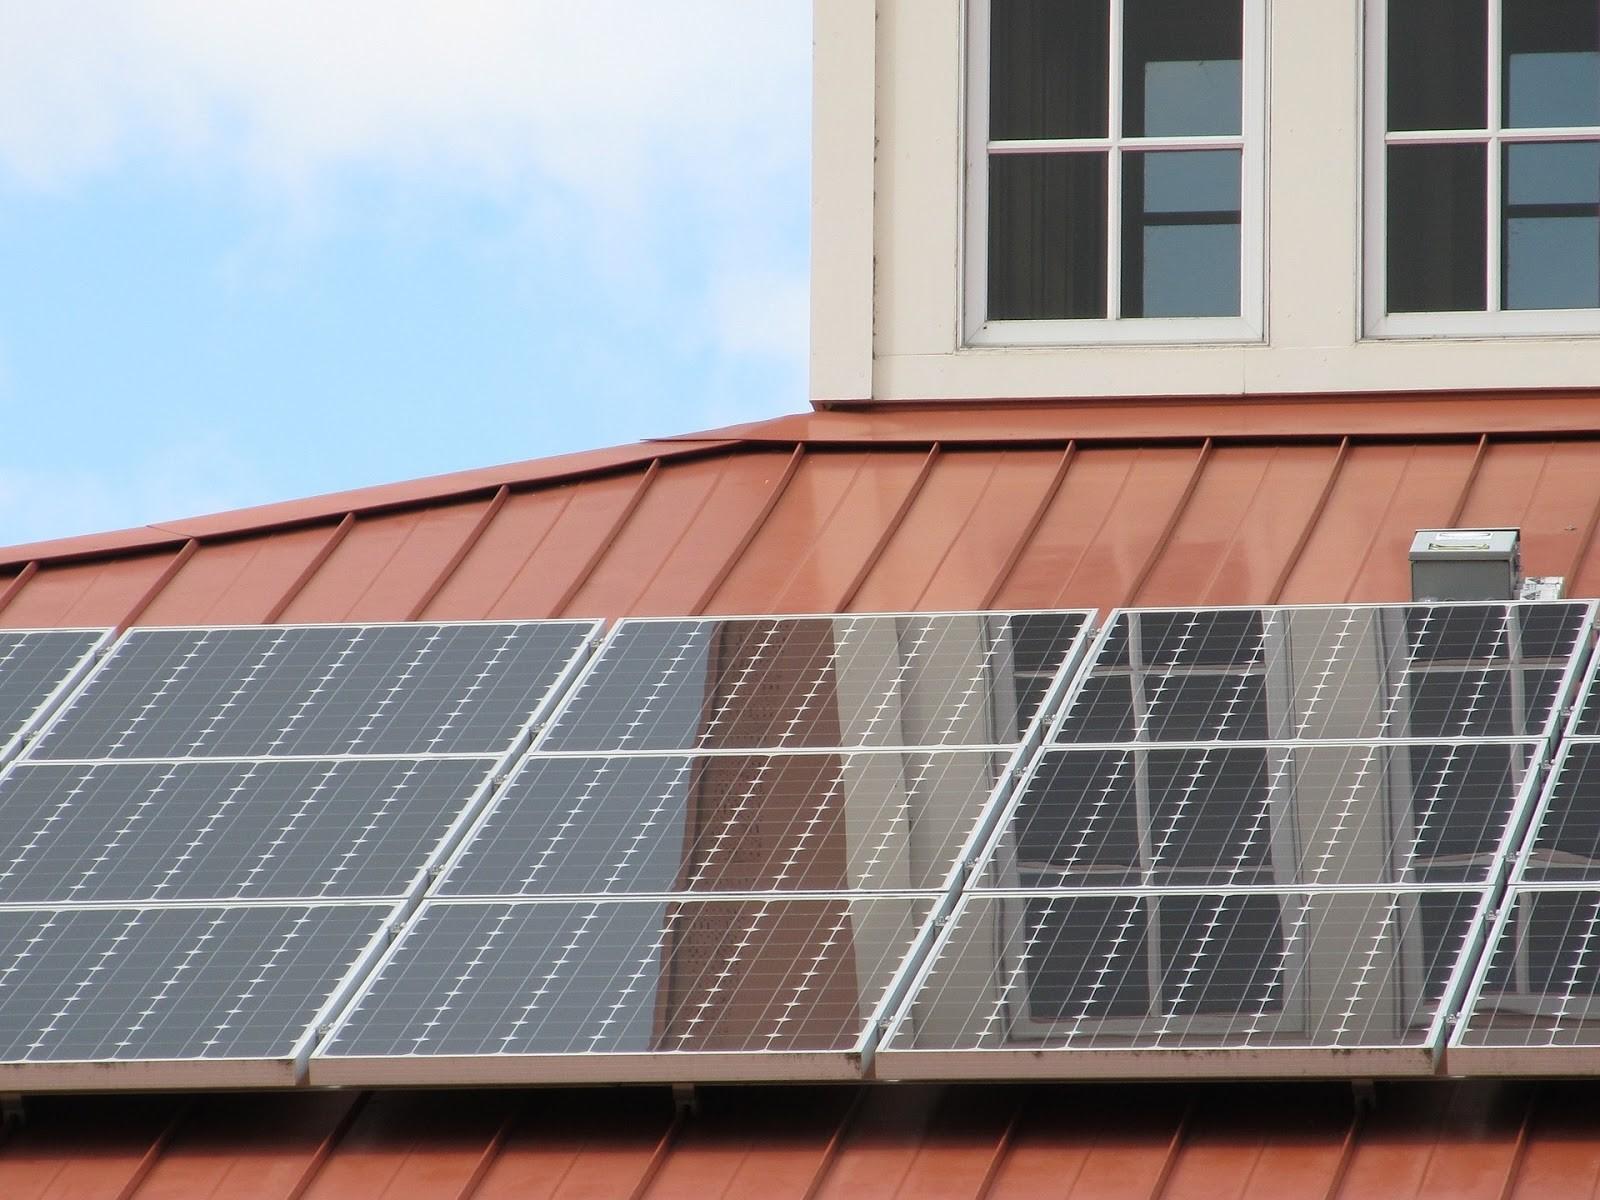 De voordelen van zonne-energie